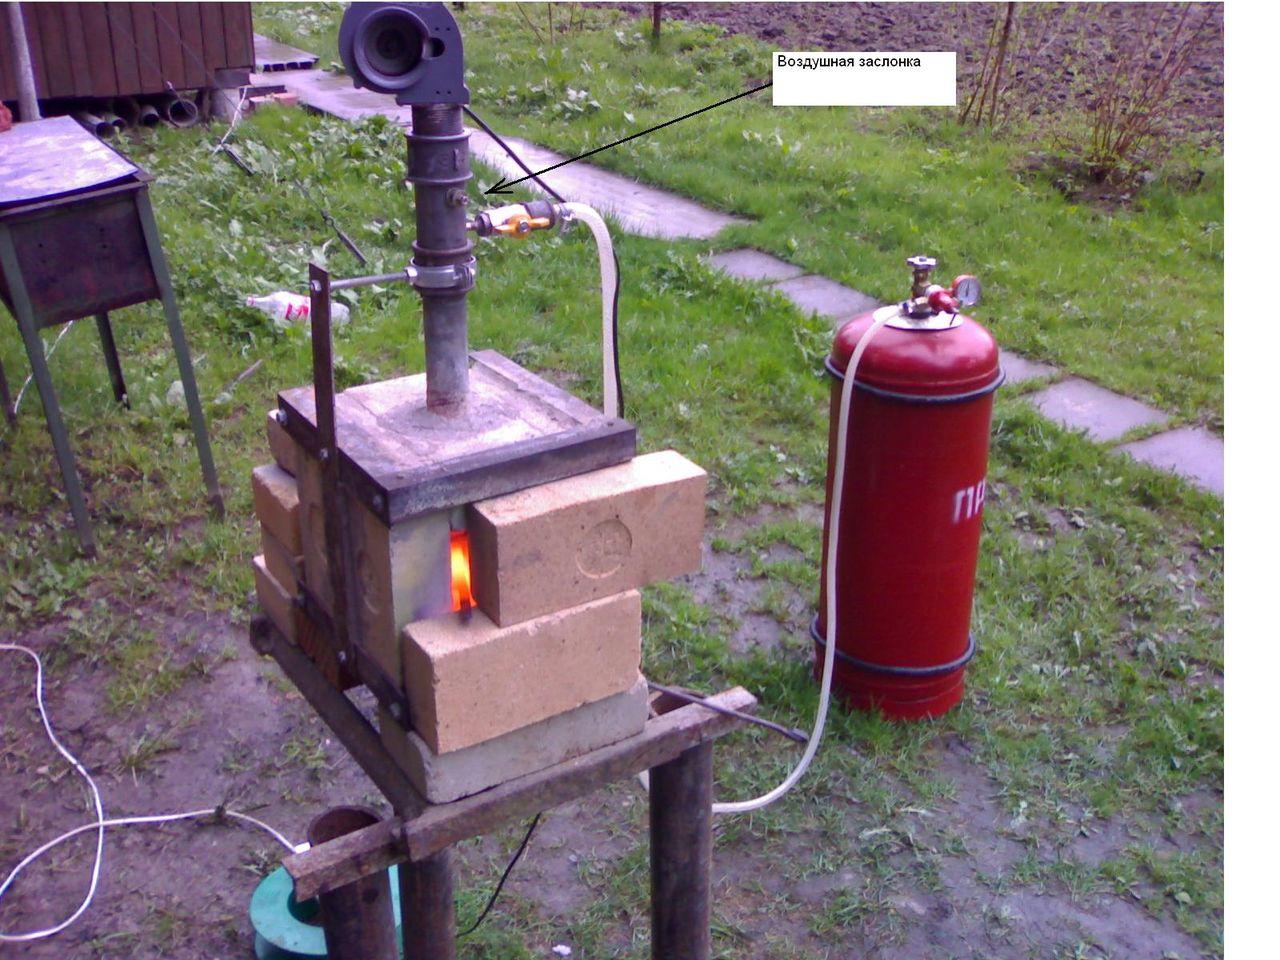 Как сделать кузнечный горн на газу своими руками: советы + чертежи в помощь домашним умельцам